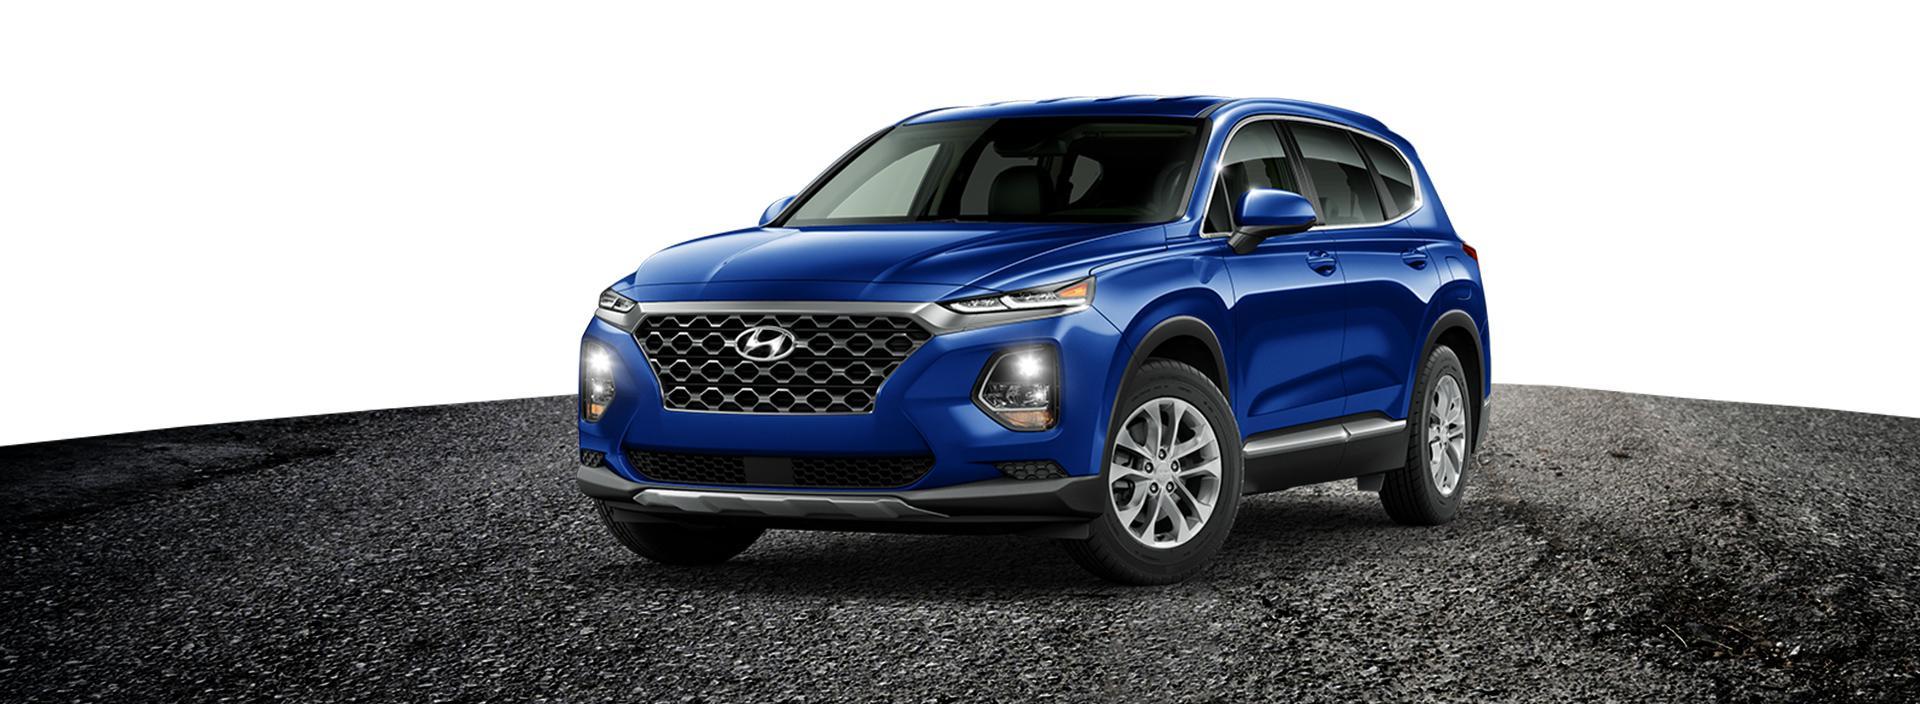 Royal blue Hyundai Santa Fe